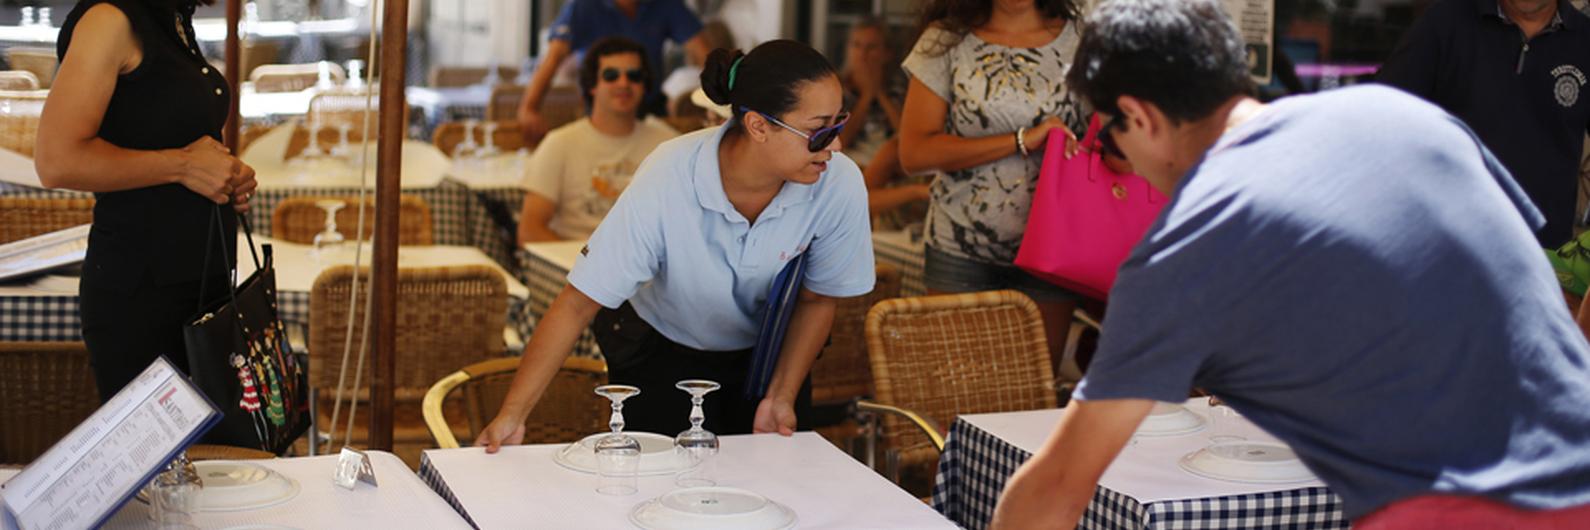 Programas de faturação de restaurantes e cafés permitem fuga ao fisco